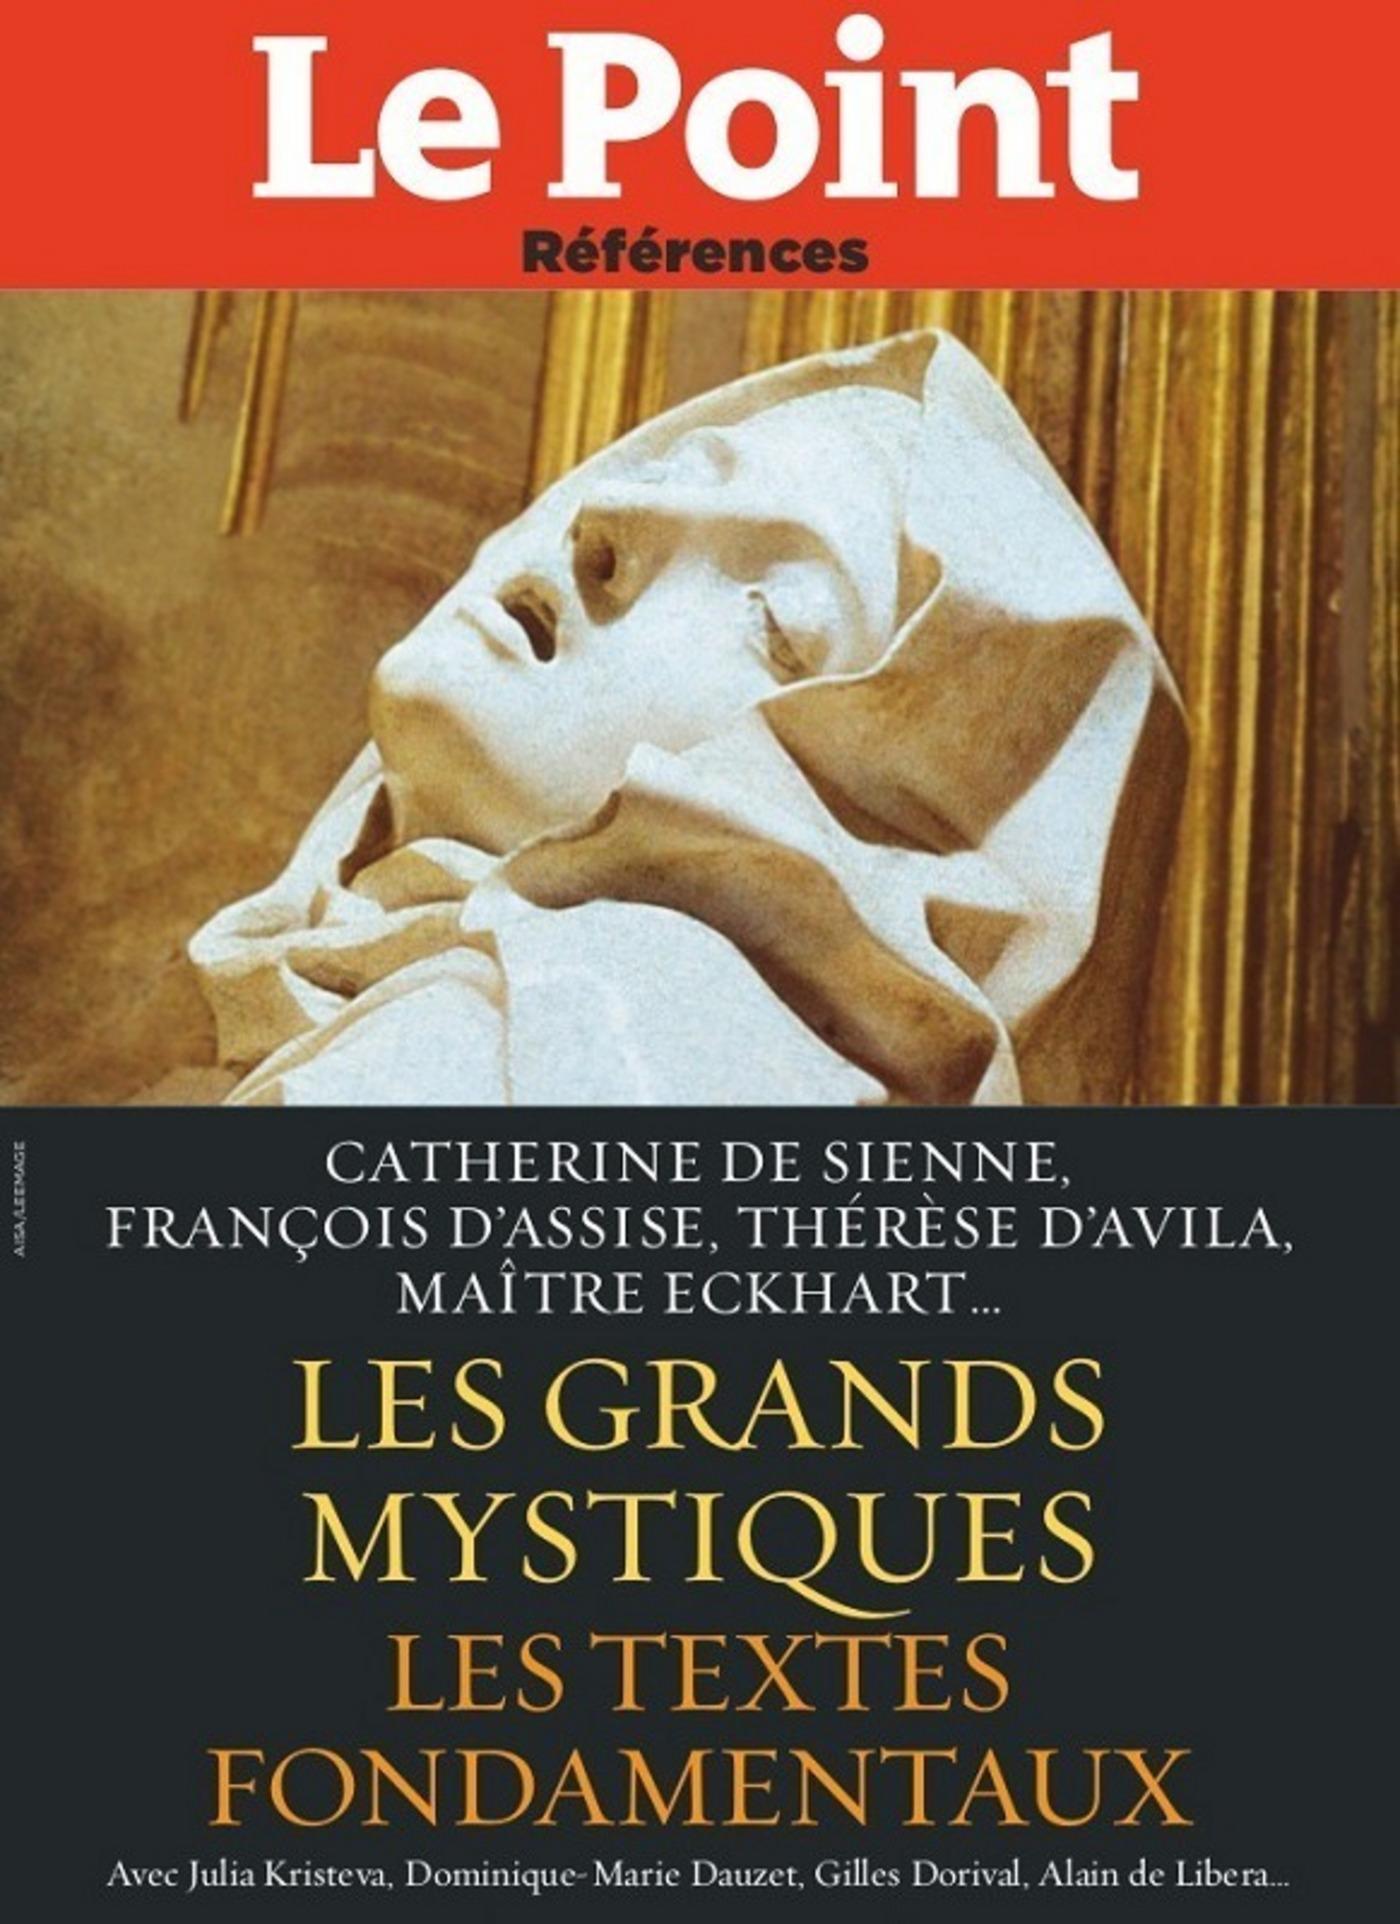 Les Grands mystiques, Les textes de Catherine de Sienne, Thérèse de Lisieux, François d'Assise, Thérèse d'Avilla, Maître E